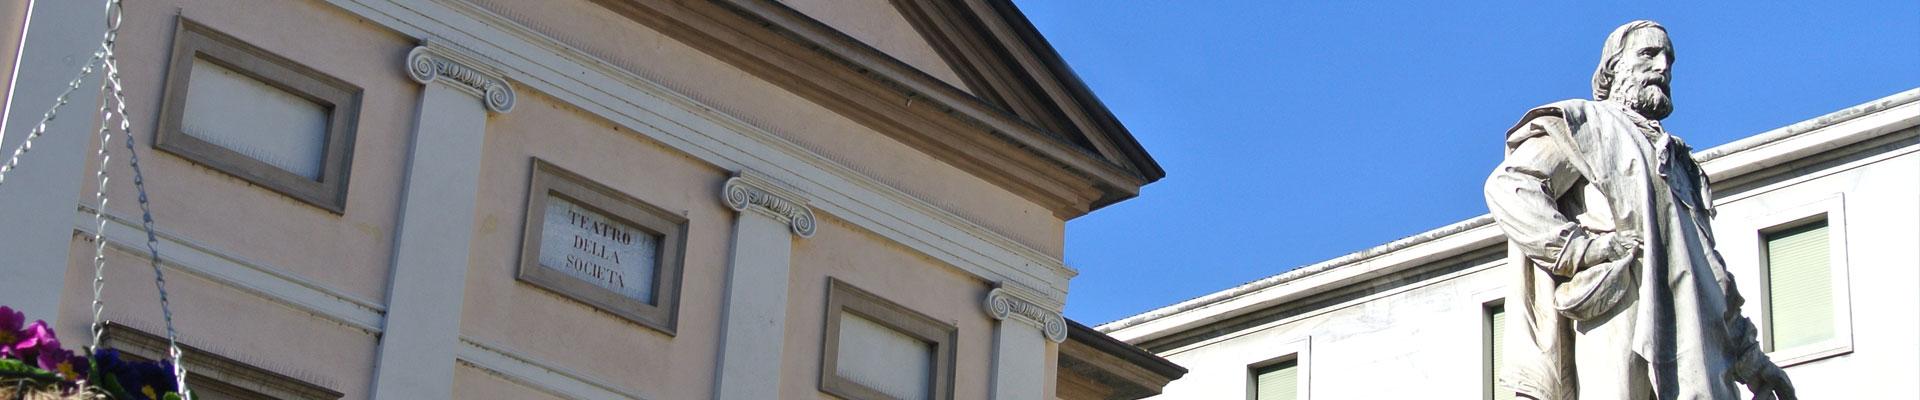 Lecco Teatro della Società monumento Giuseppe Garibaldi